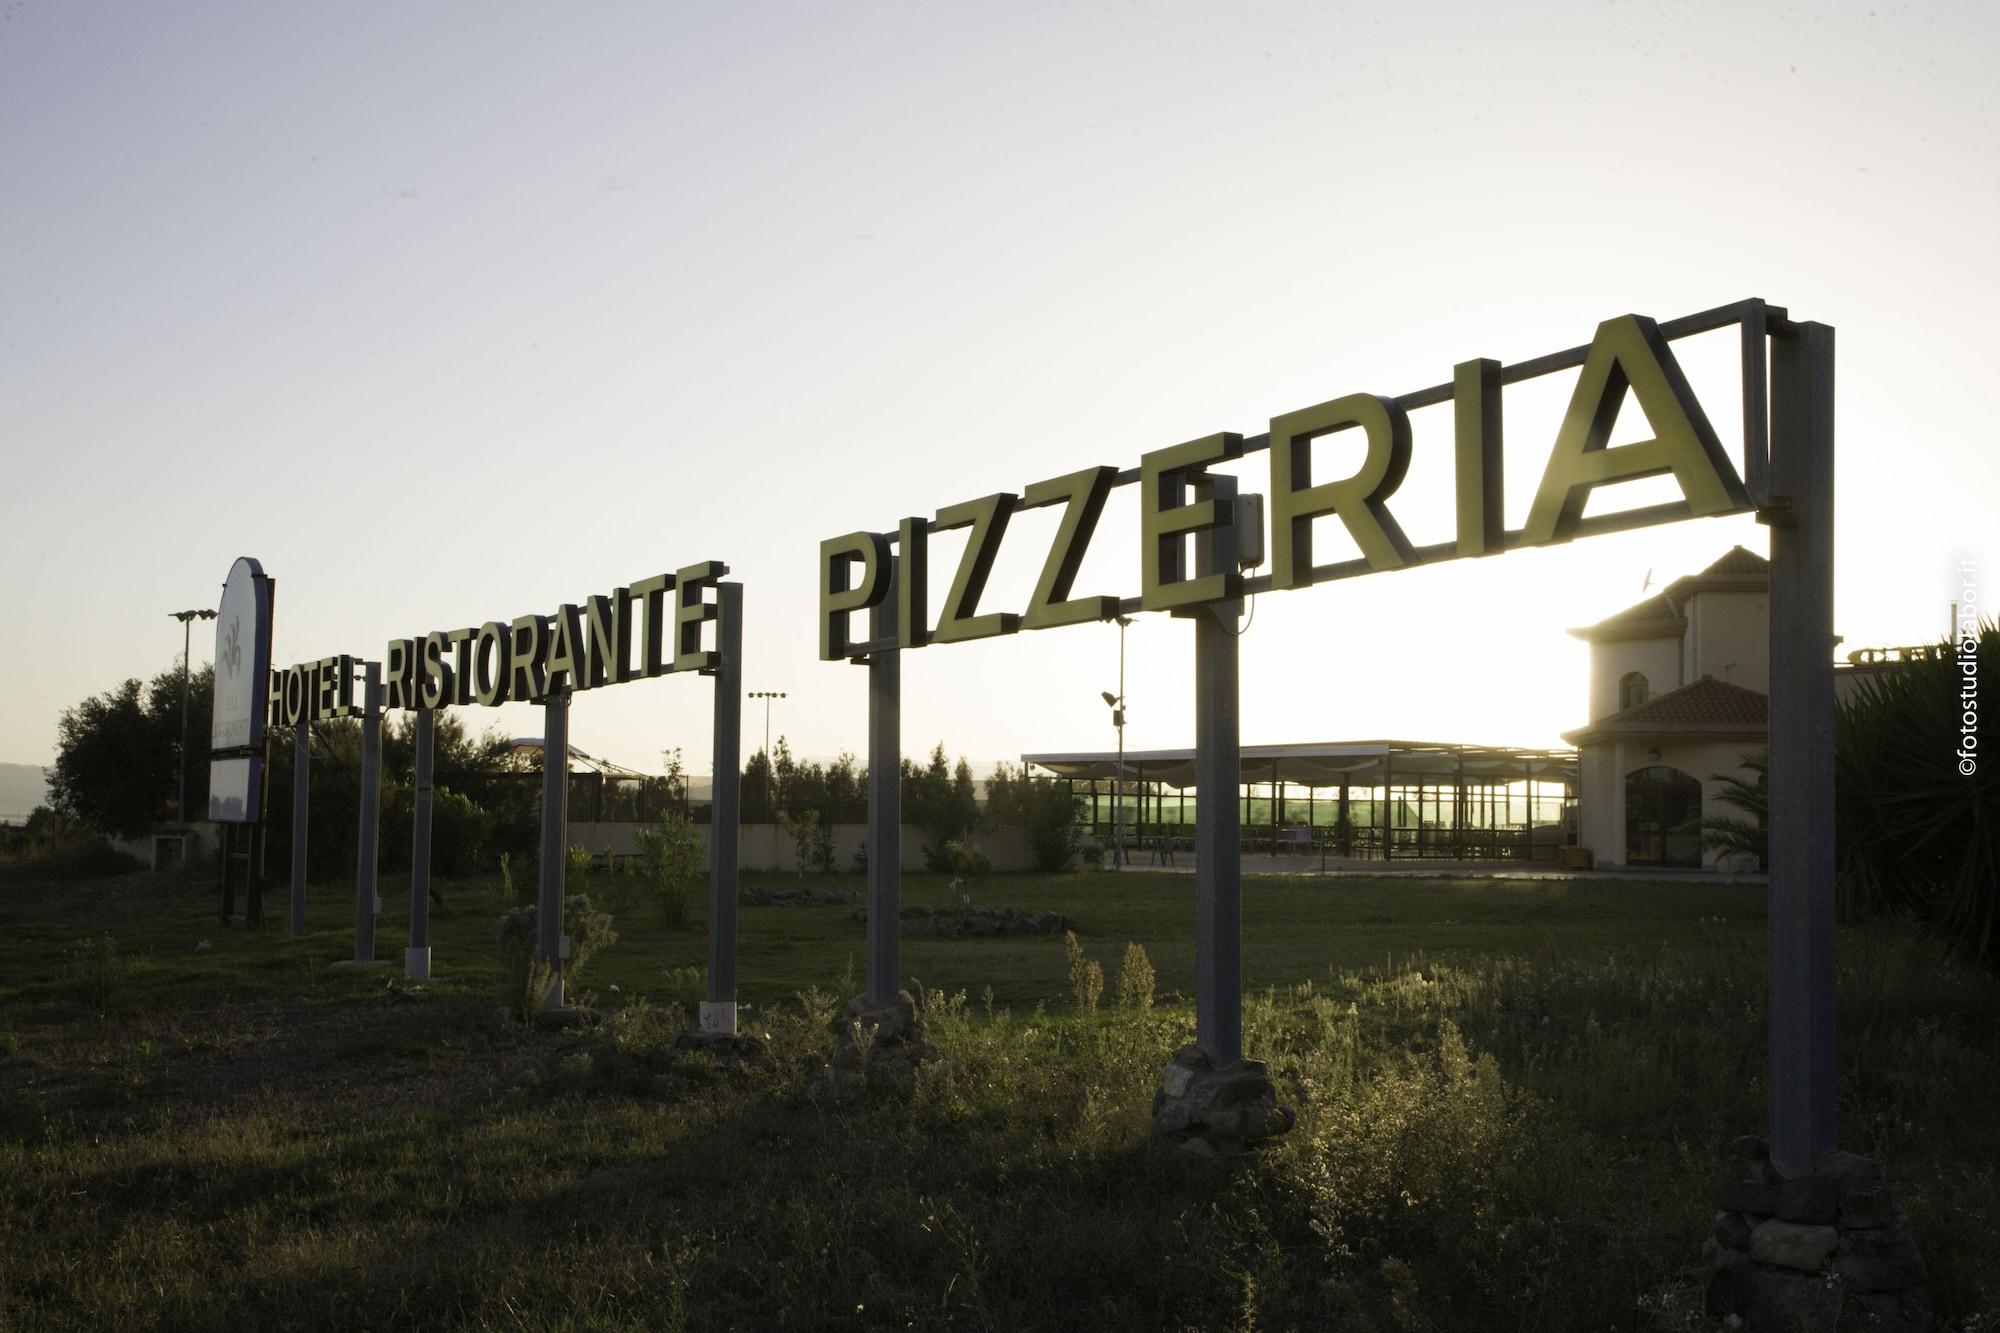 Hotel Ristorante Pizzeria Charme, Cagliari